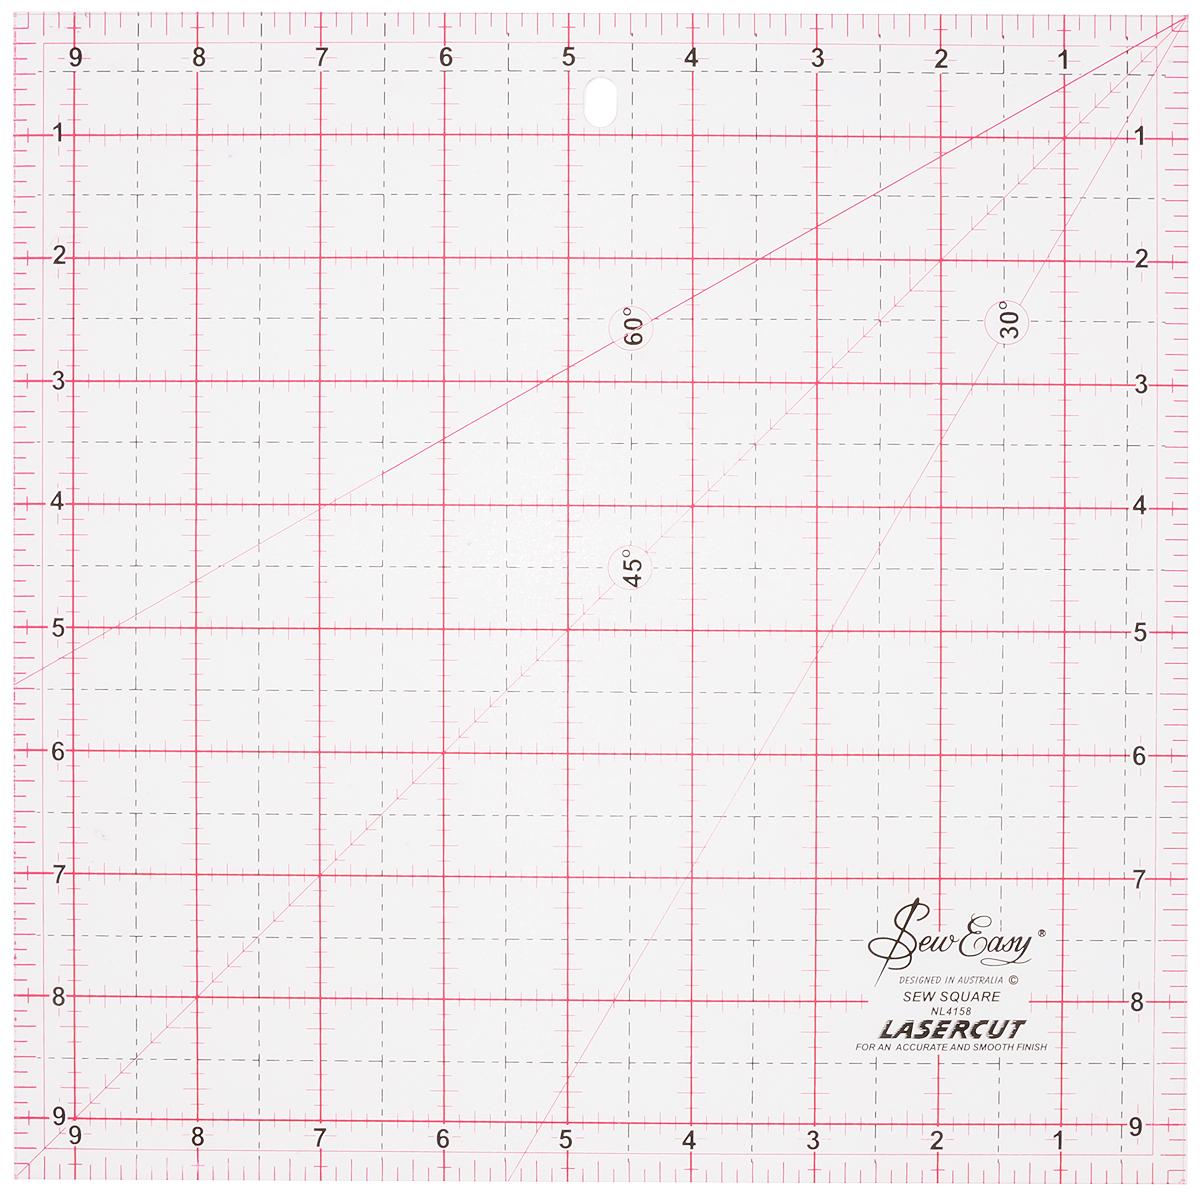 Линейка квадратная для пэчворка Hemline Sew Easy, с градицей в дюймах, 9,5 x 9,5. NL4158NL4158Лекало среднего размера для вырезания квадратов разных размеров до максимального - 9,5 дюйма. Также подходит для вырезания полосок ткани шириной 9,5 дюйма. Идеально для создания блоков, треугольников. Линия под углом 45° используется для создания косых беек. Линия под углом 60 ° подходит для создания равносторонних треугольников. Подходит для праворуких и леворуких людей. Идеально для пошива предметов домашнего декора.